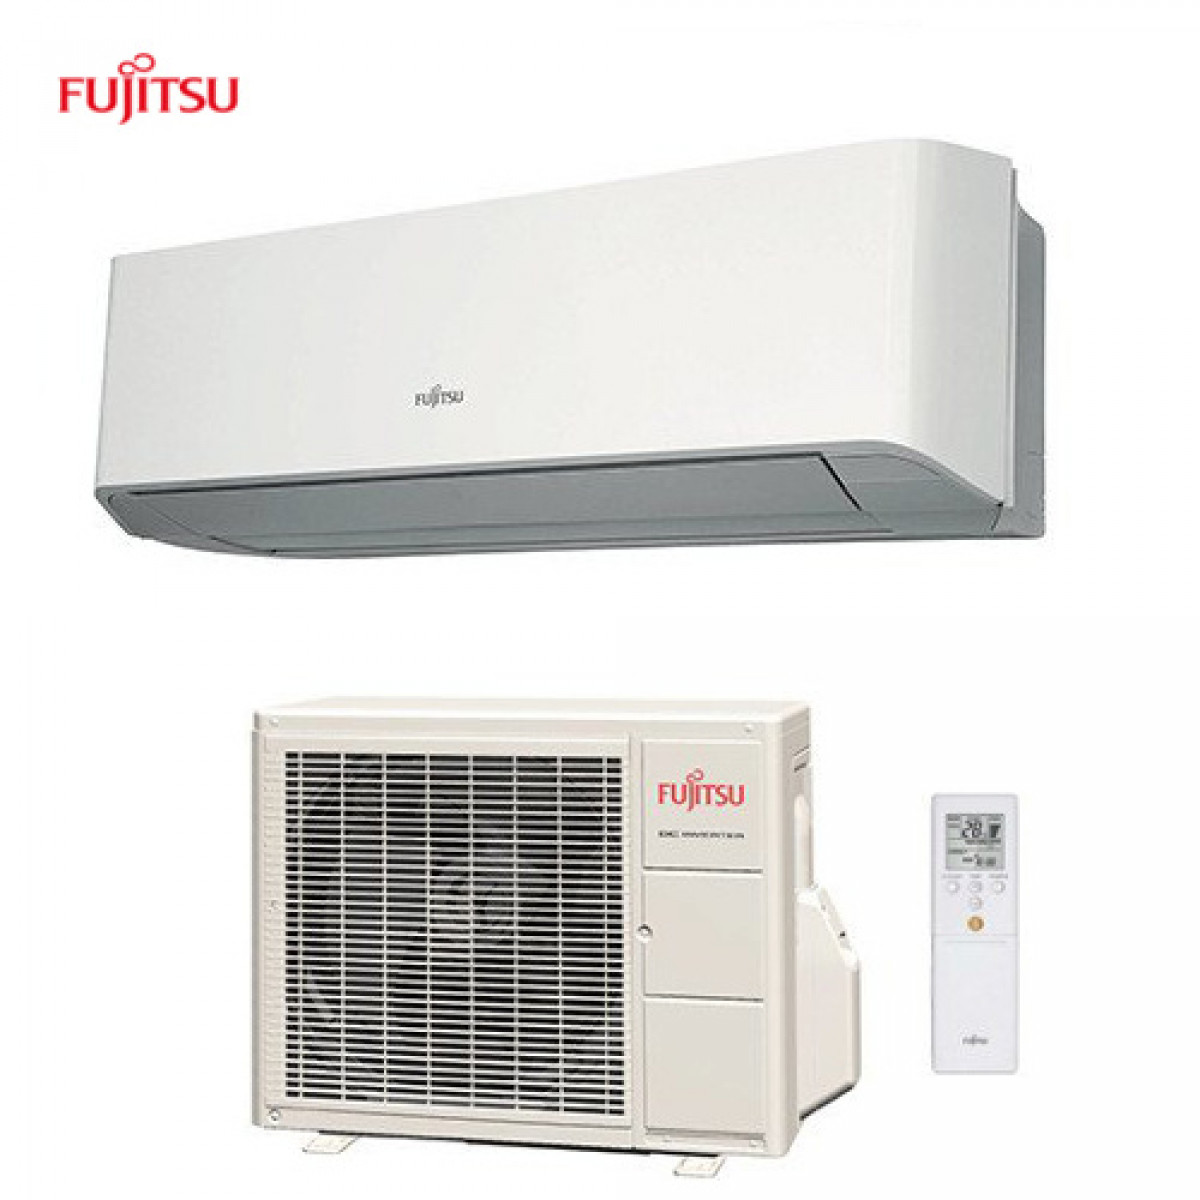 fujitsu-climatizzatore-serie-LM-12000-btu-desenzano